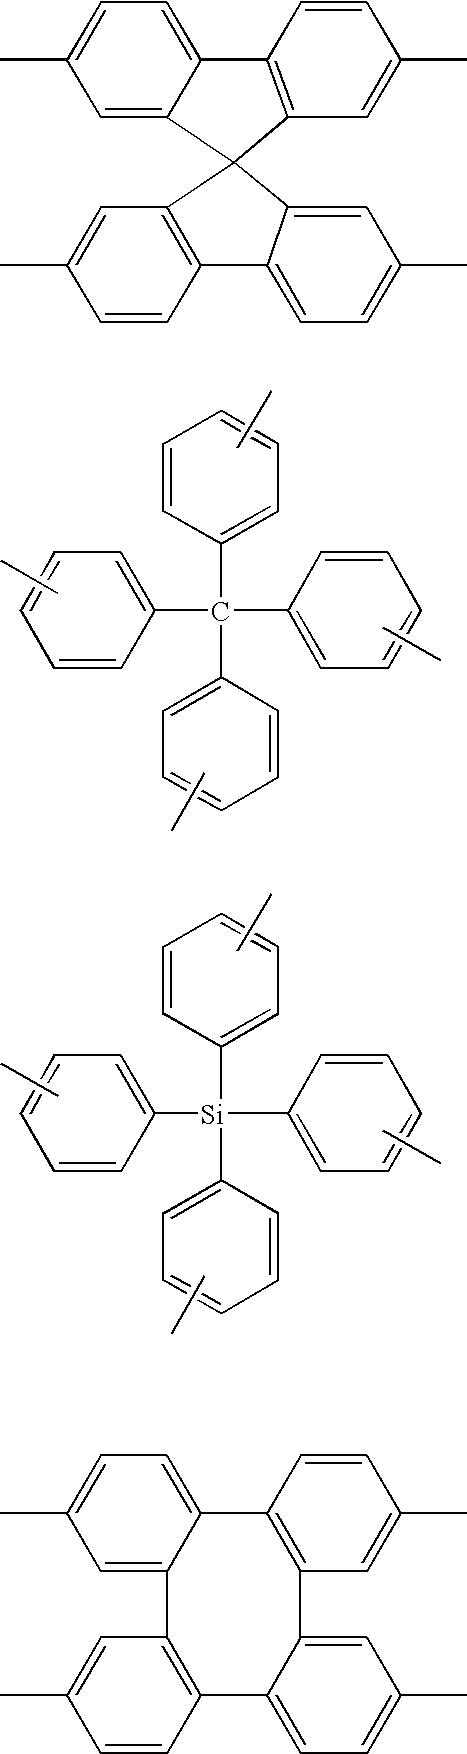 Figure US20060134464A1-20060622-C00009